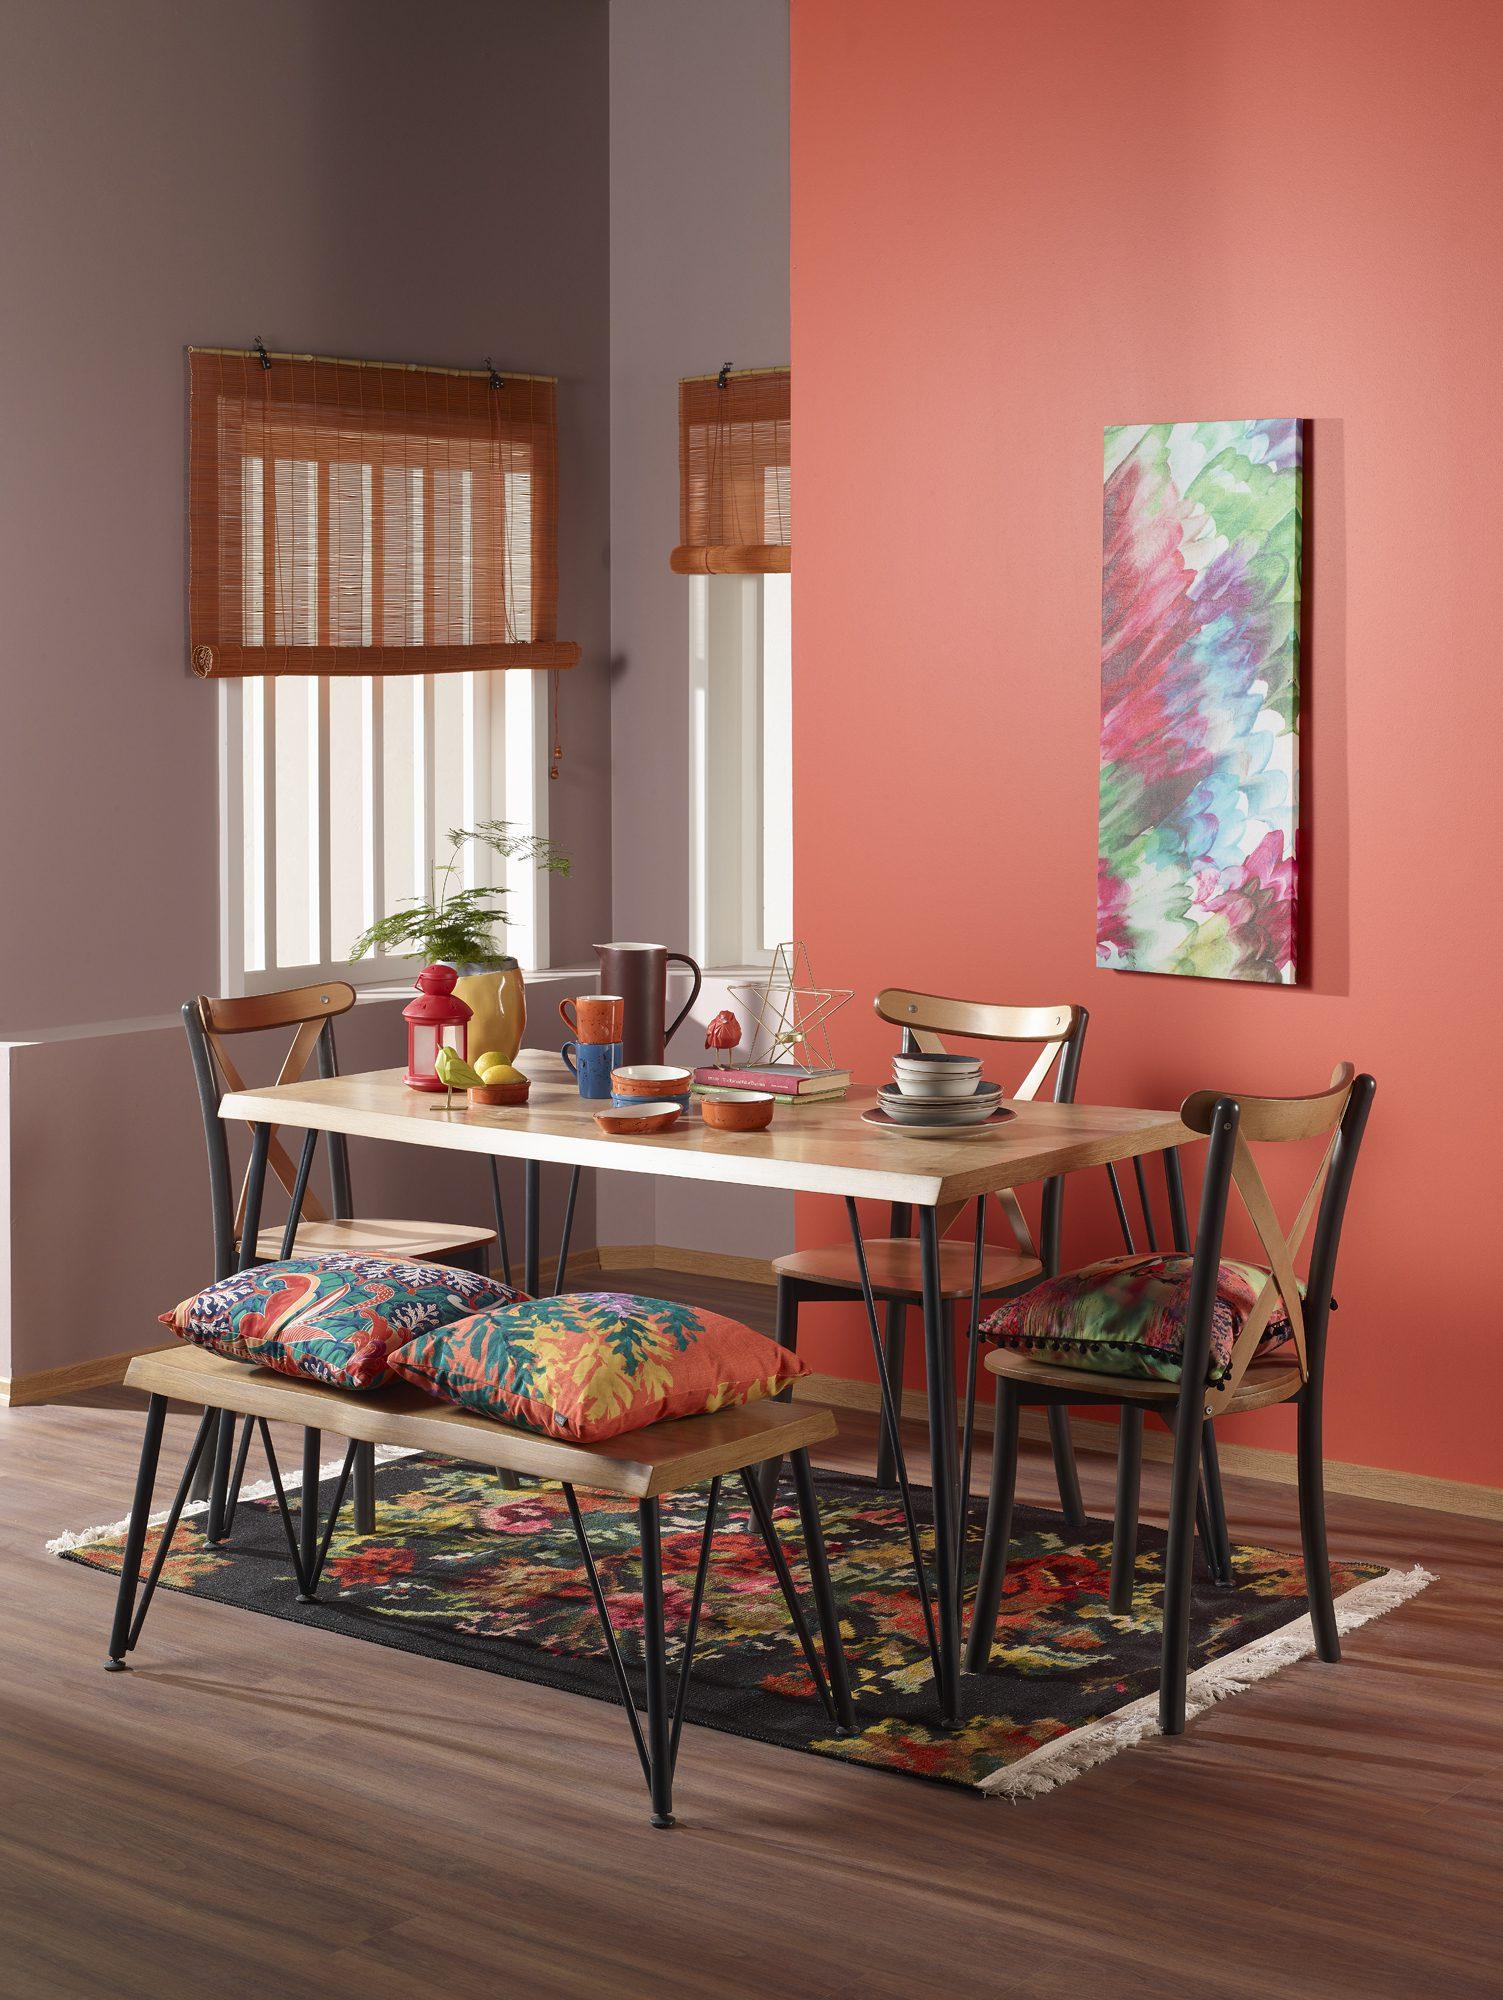 Yazlık ev için yemek masası